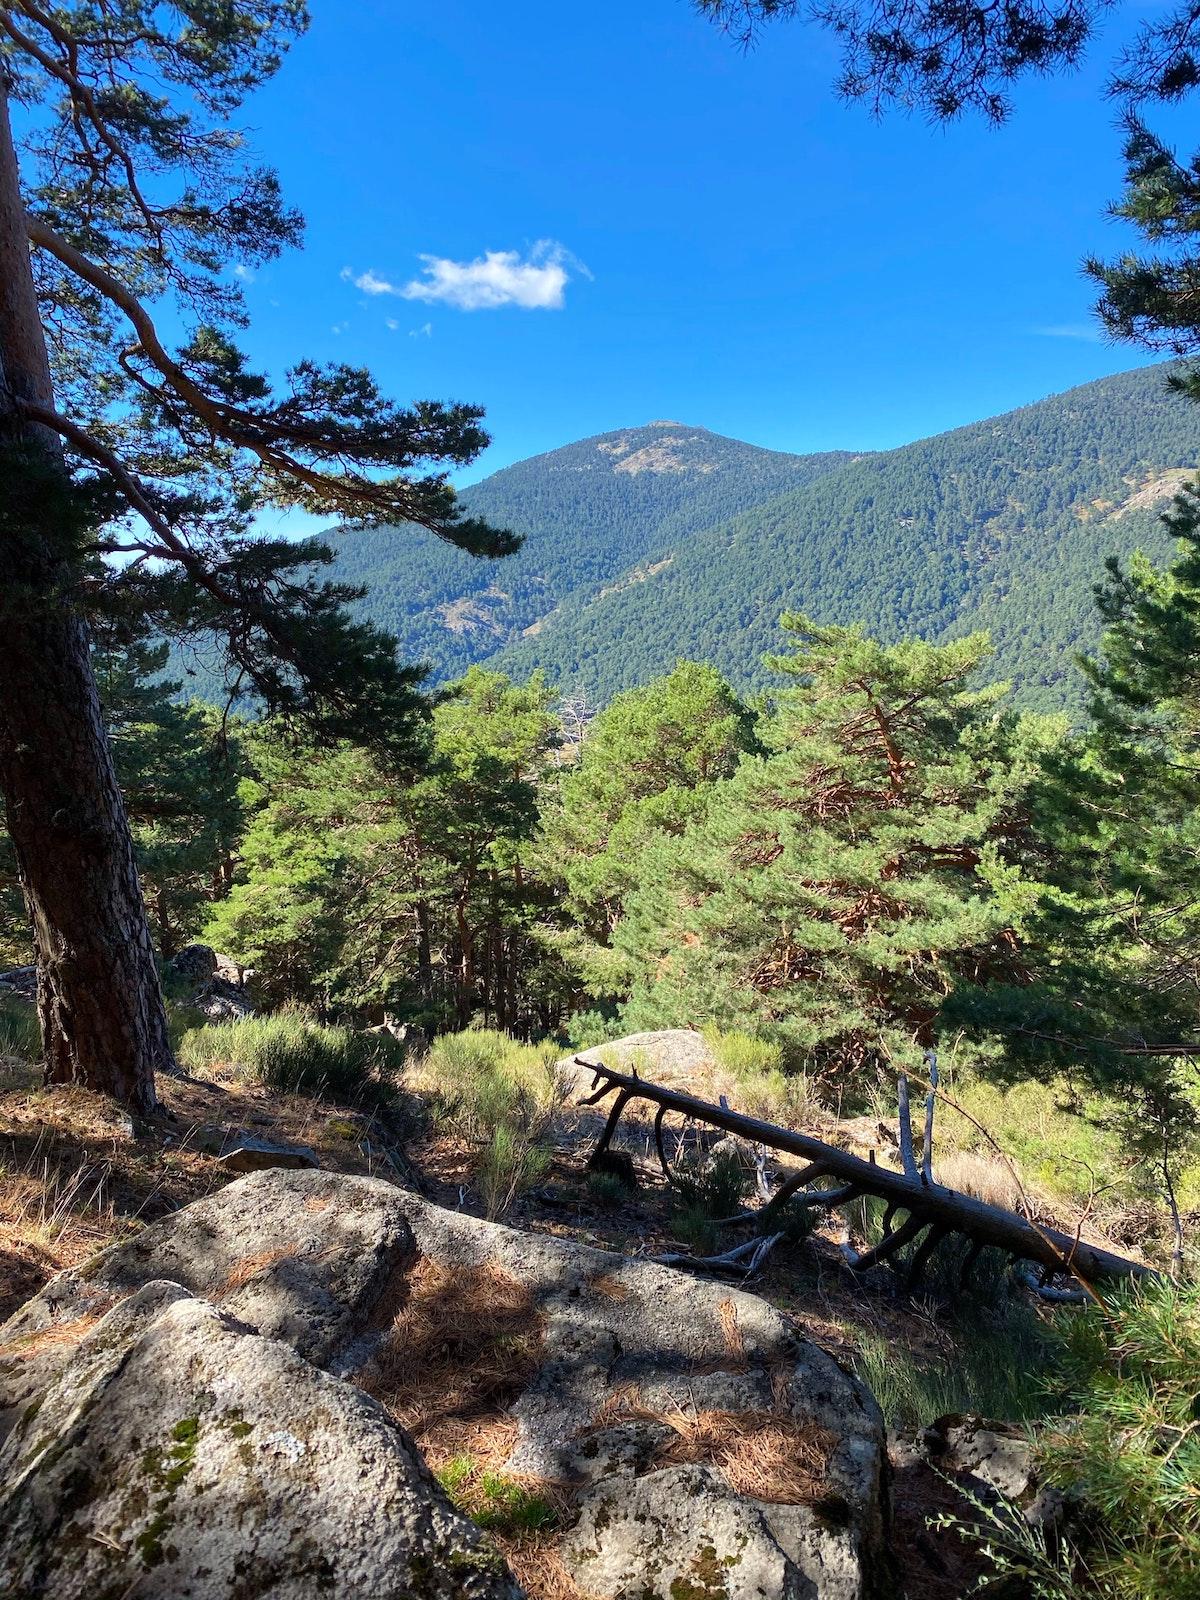 Paisaje de montaña verde en un día claro.